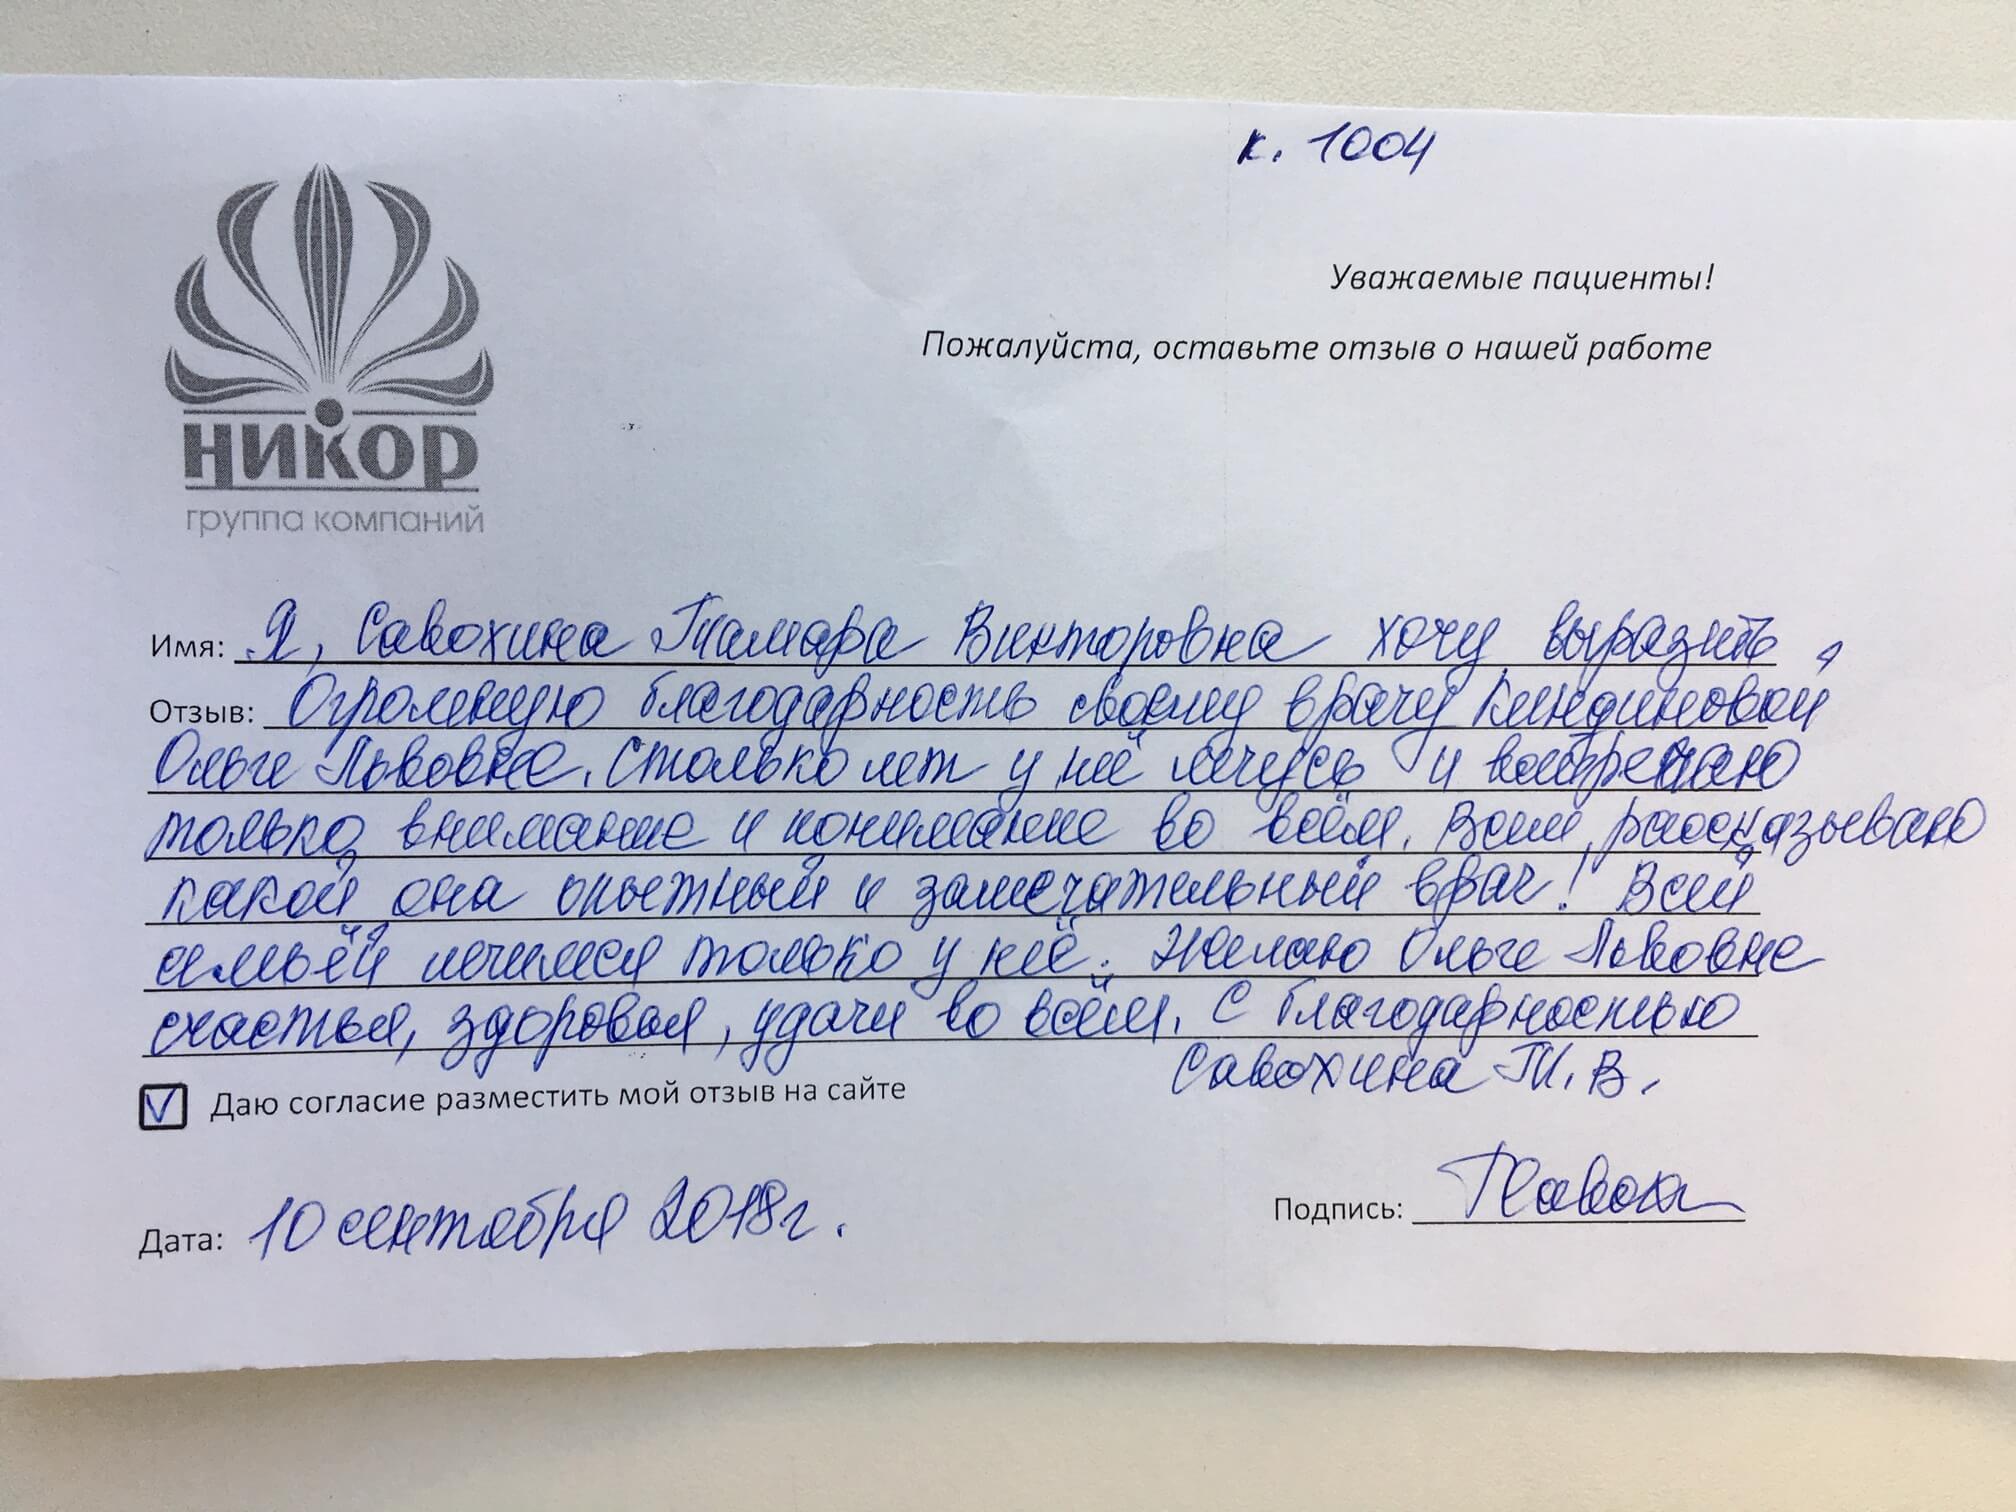 Савохина Татьяна Викторовна